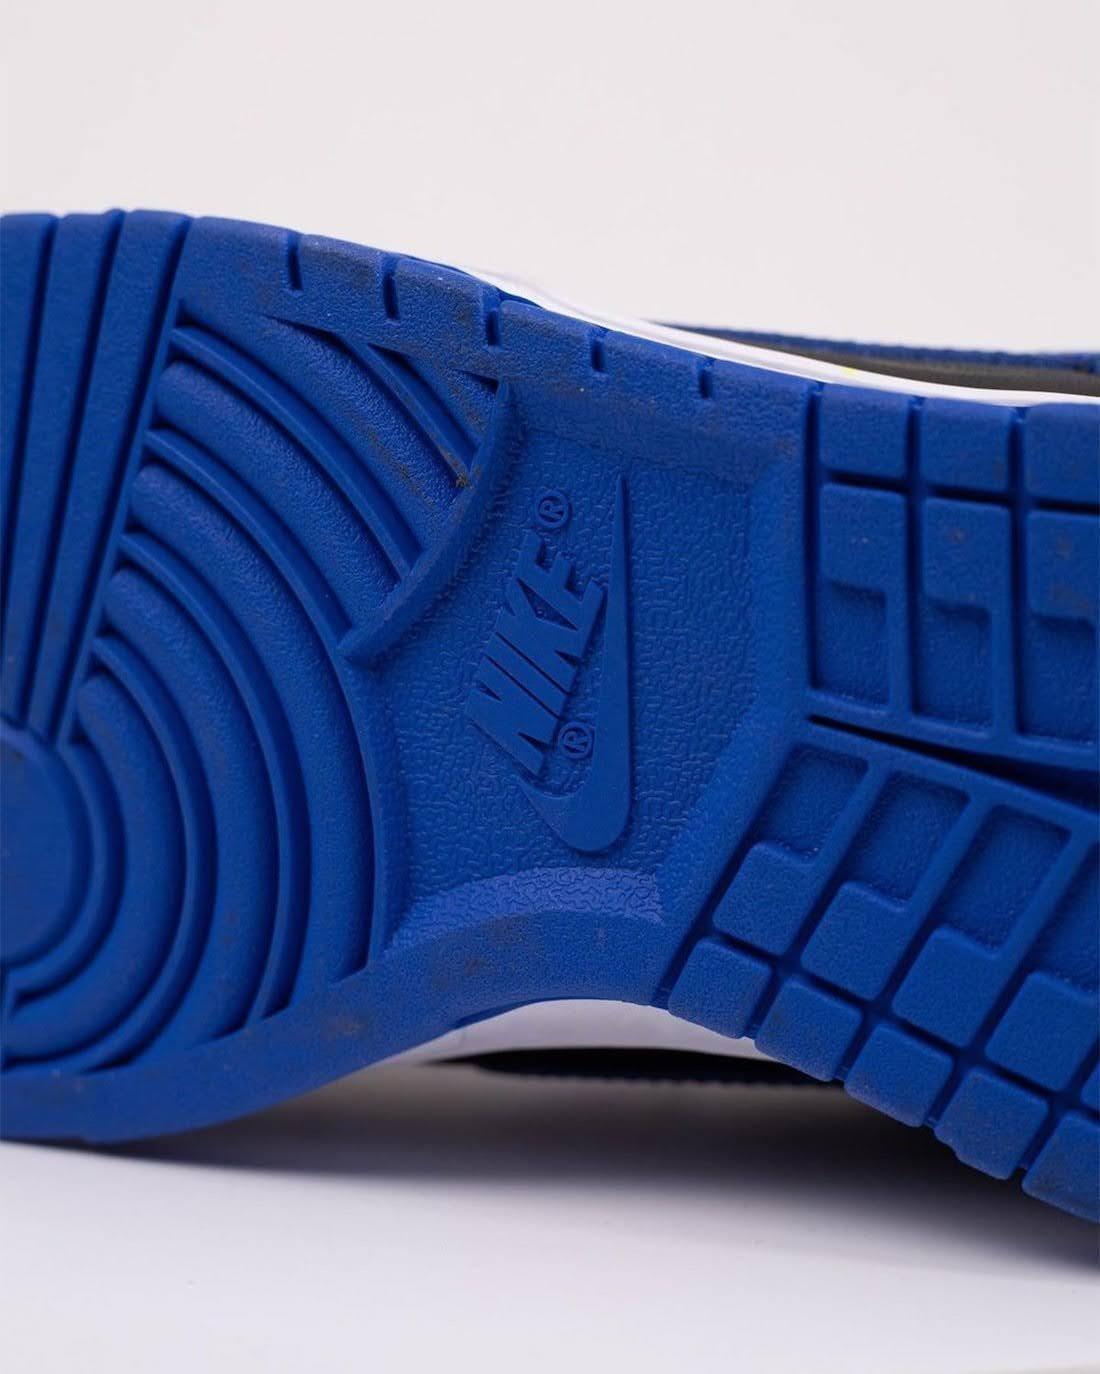 """ナイキ ダンク ロー """"ハイパー コバルト"""" Nike-Dunk-Low-Hyper-Cobalt-DD1391-001-sole"""